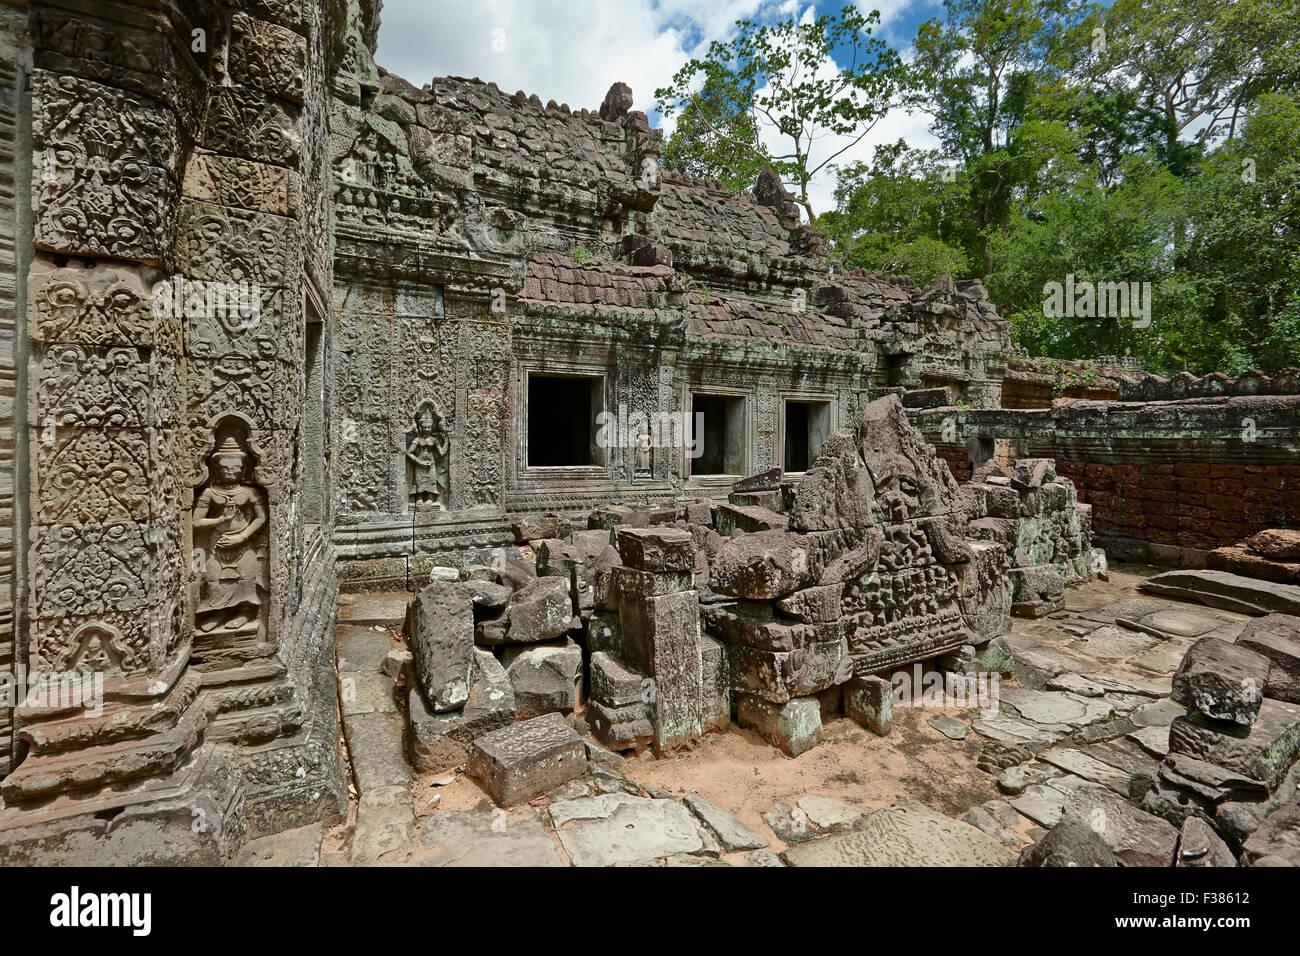 Templo de Preah Khan. Parque arqueológico de Angkor, de la provincia de Siem Reap, Camboya. Foto de stock